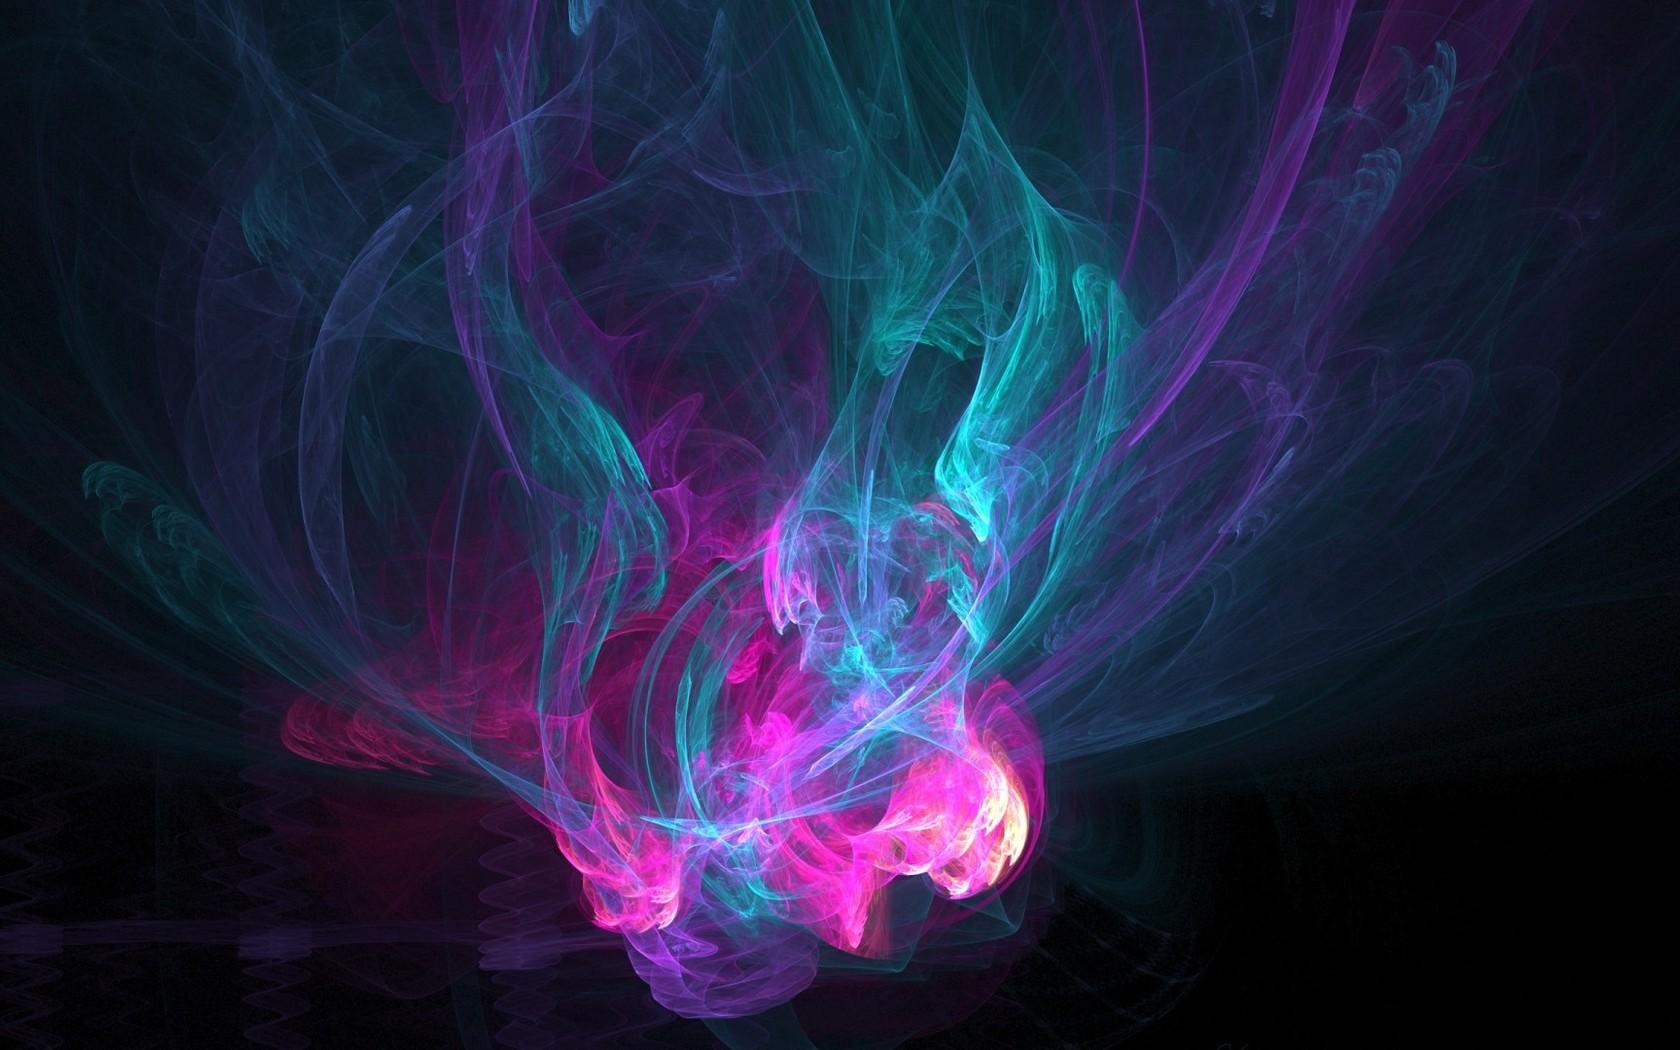 Pastel colored smoke wallpaper 2844 1680x1050